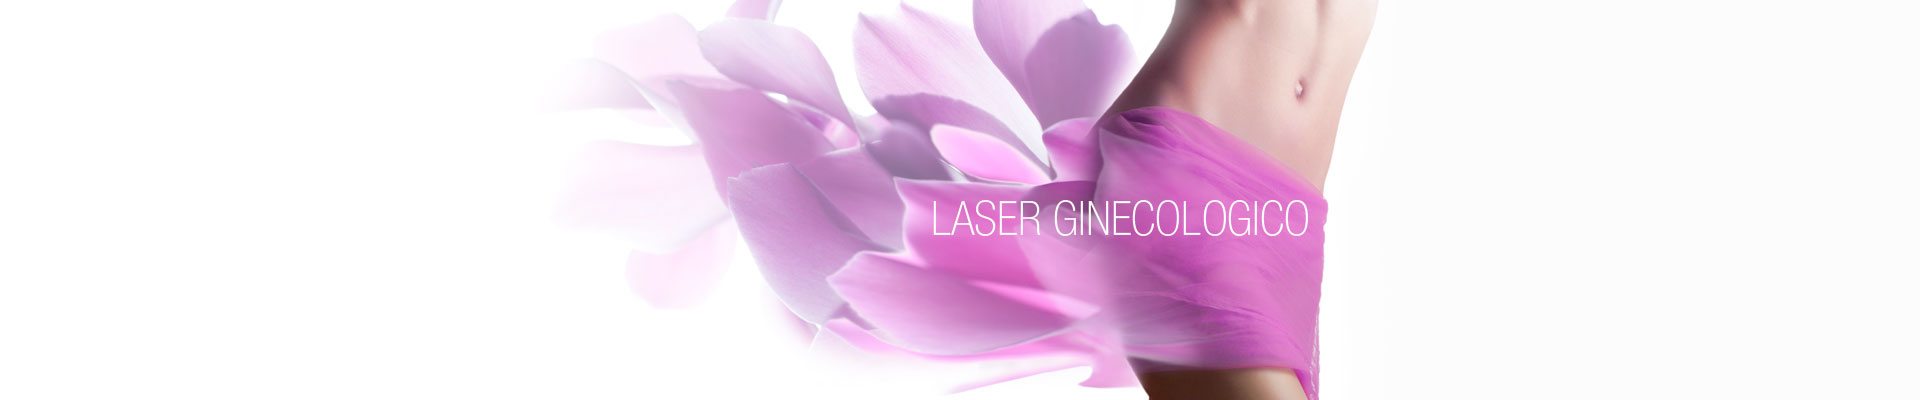 Laser Ginecologico - Centro Palmer